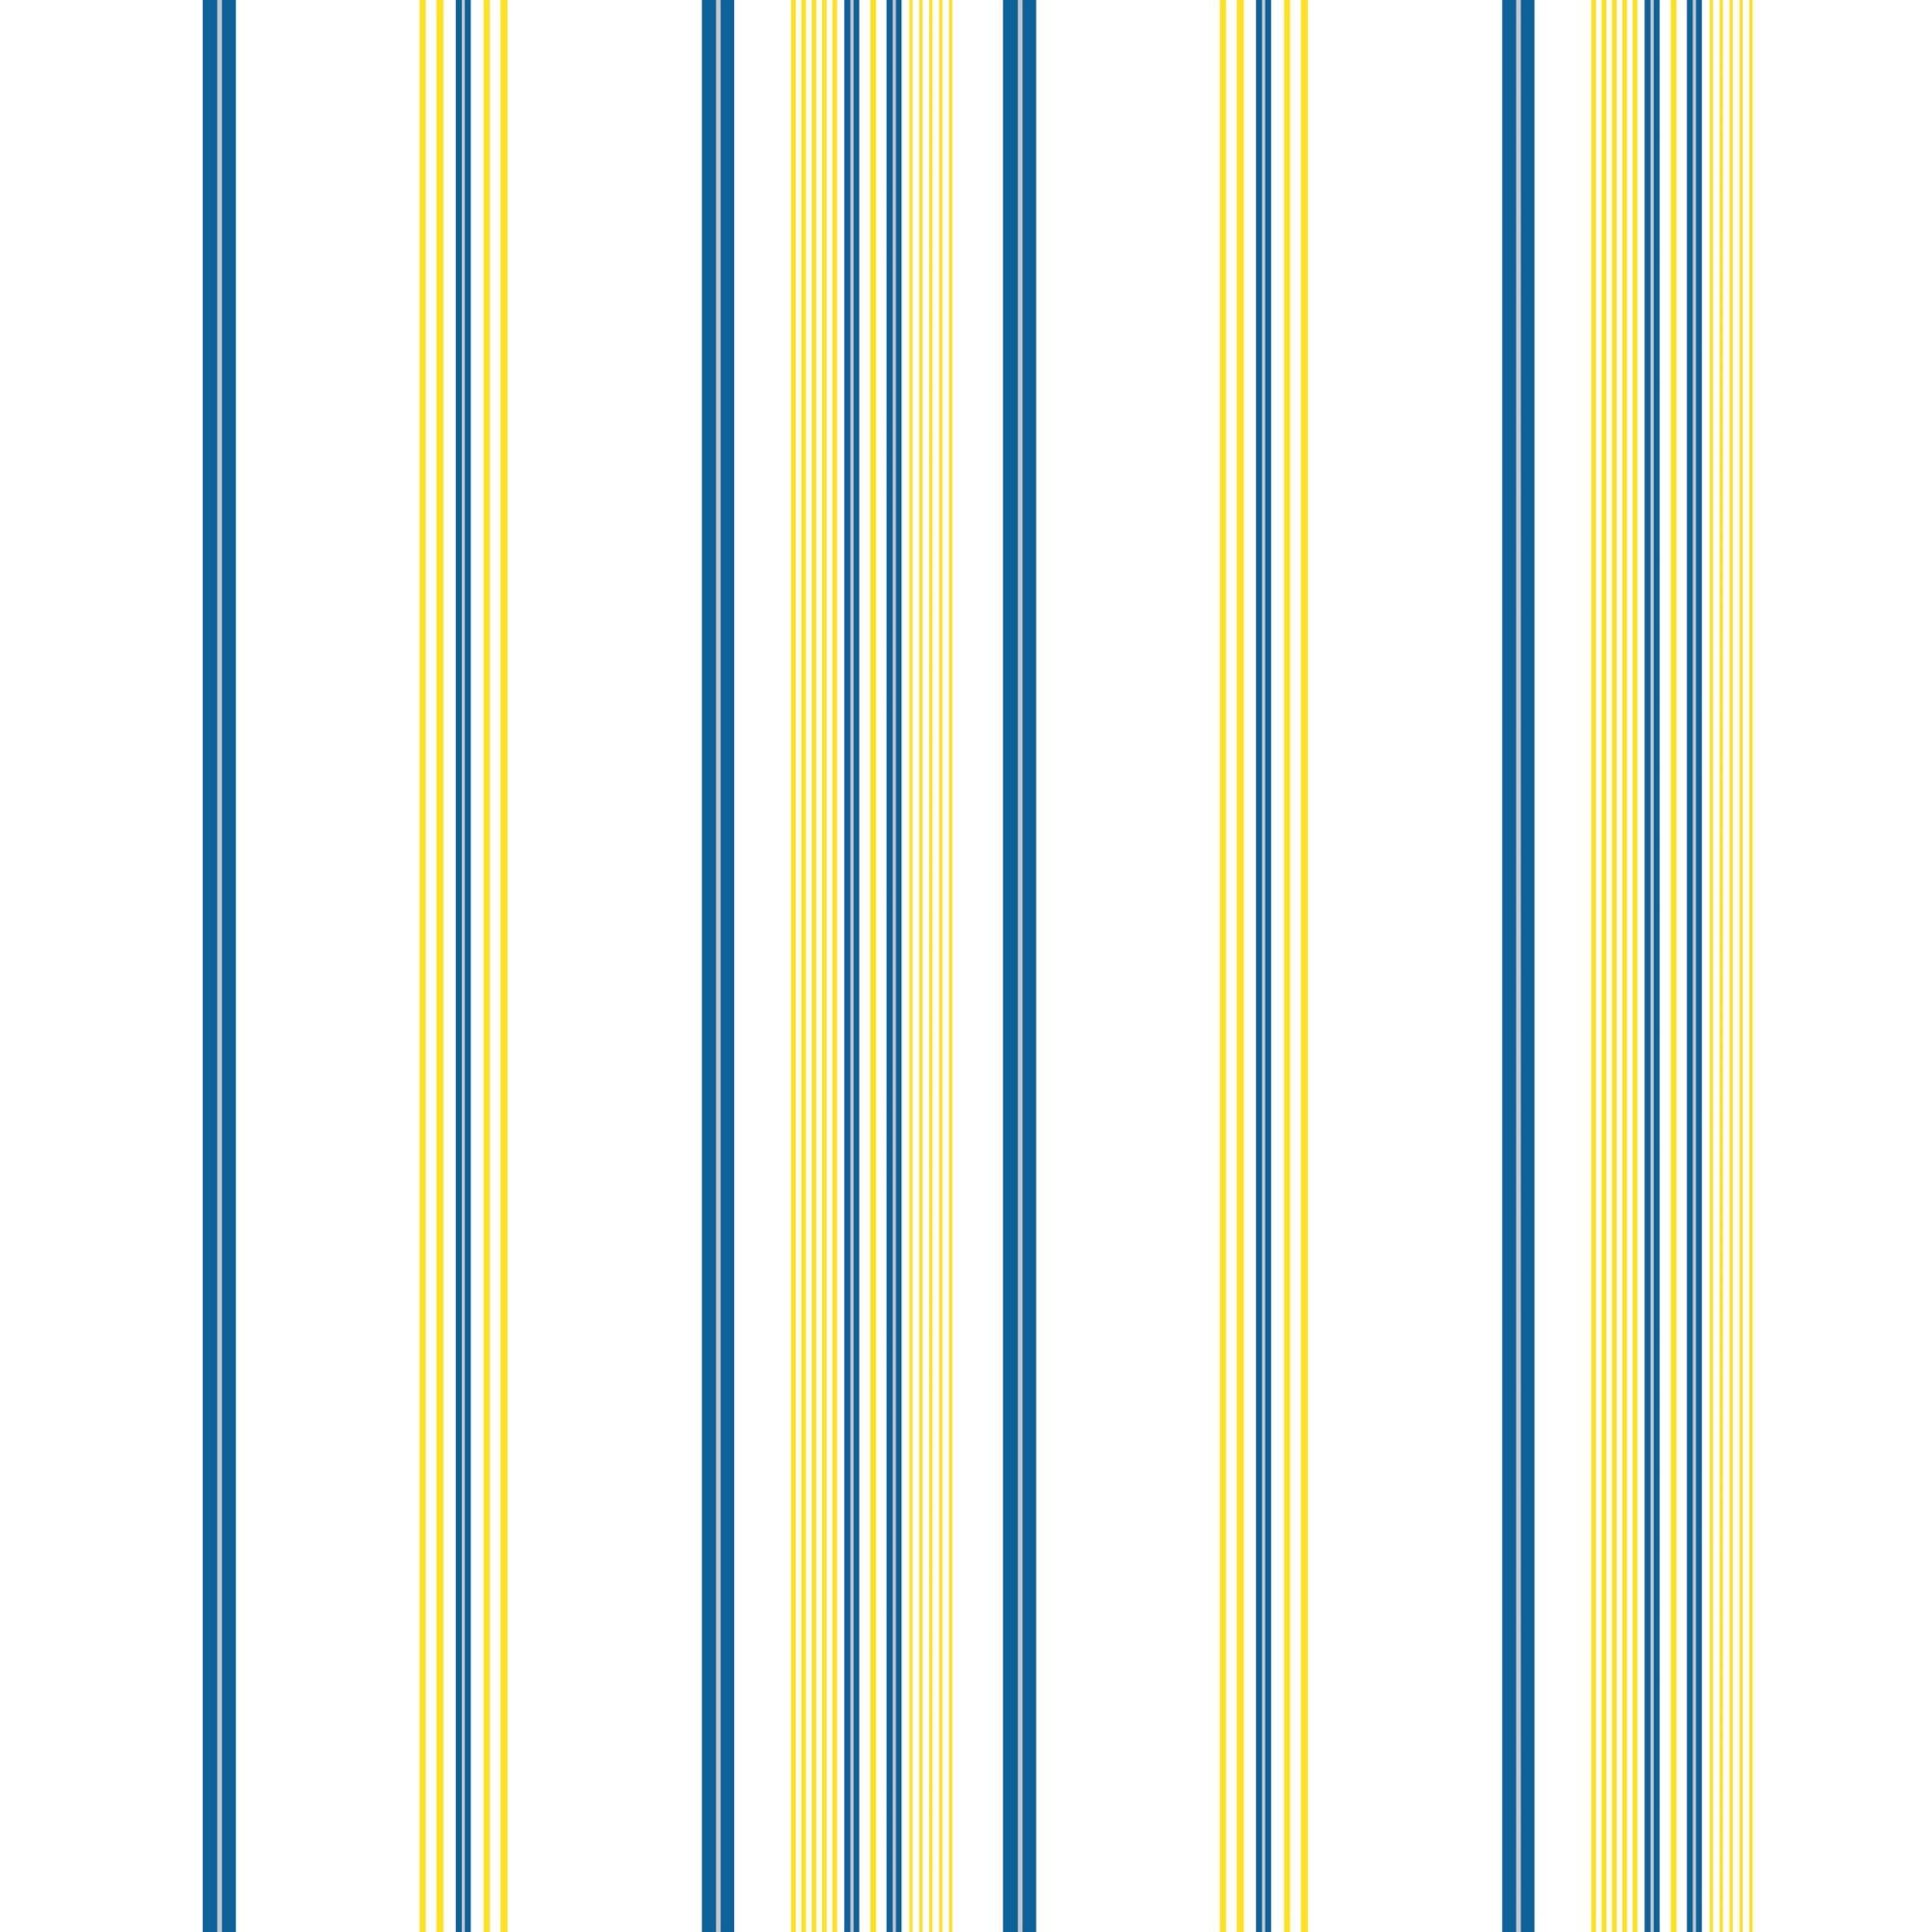 Papel de Parede 53cm x 10m PVC Sublimado Kids 2502 - Jolie